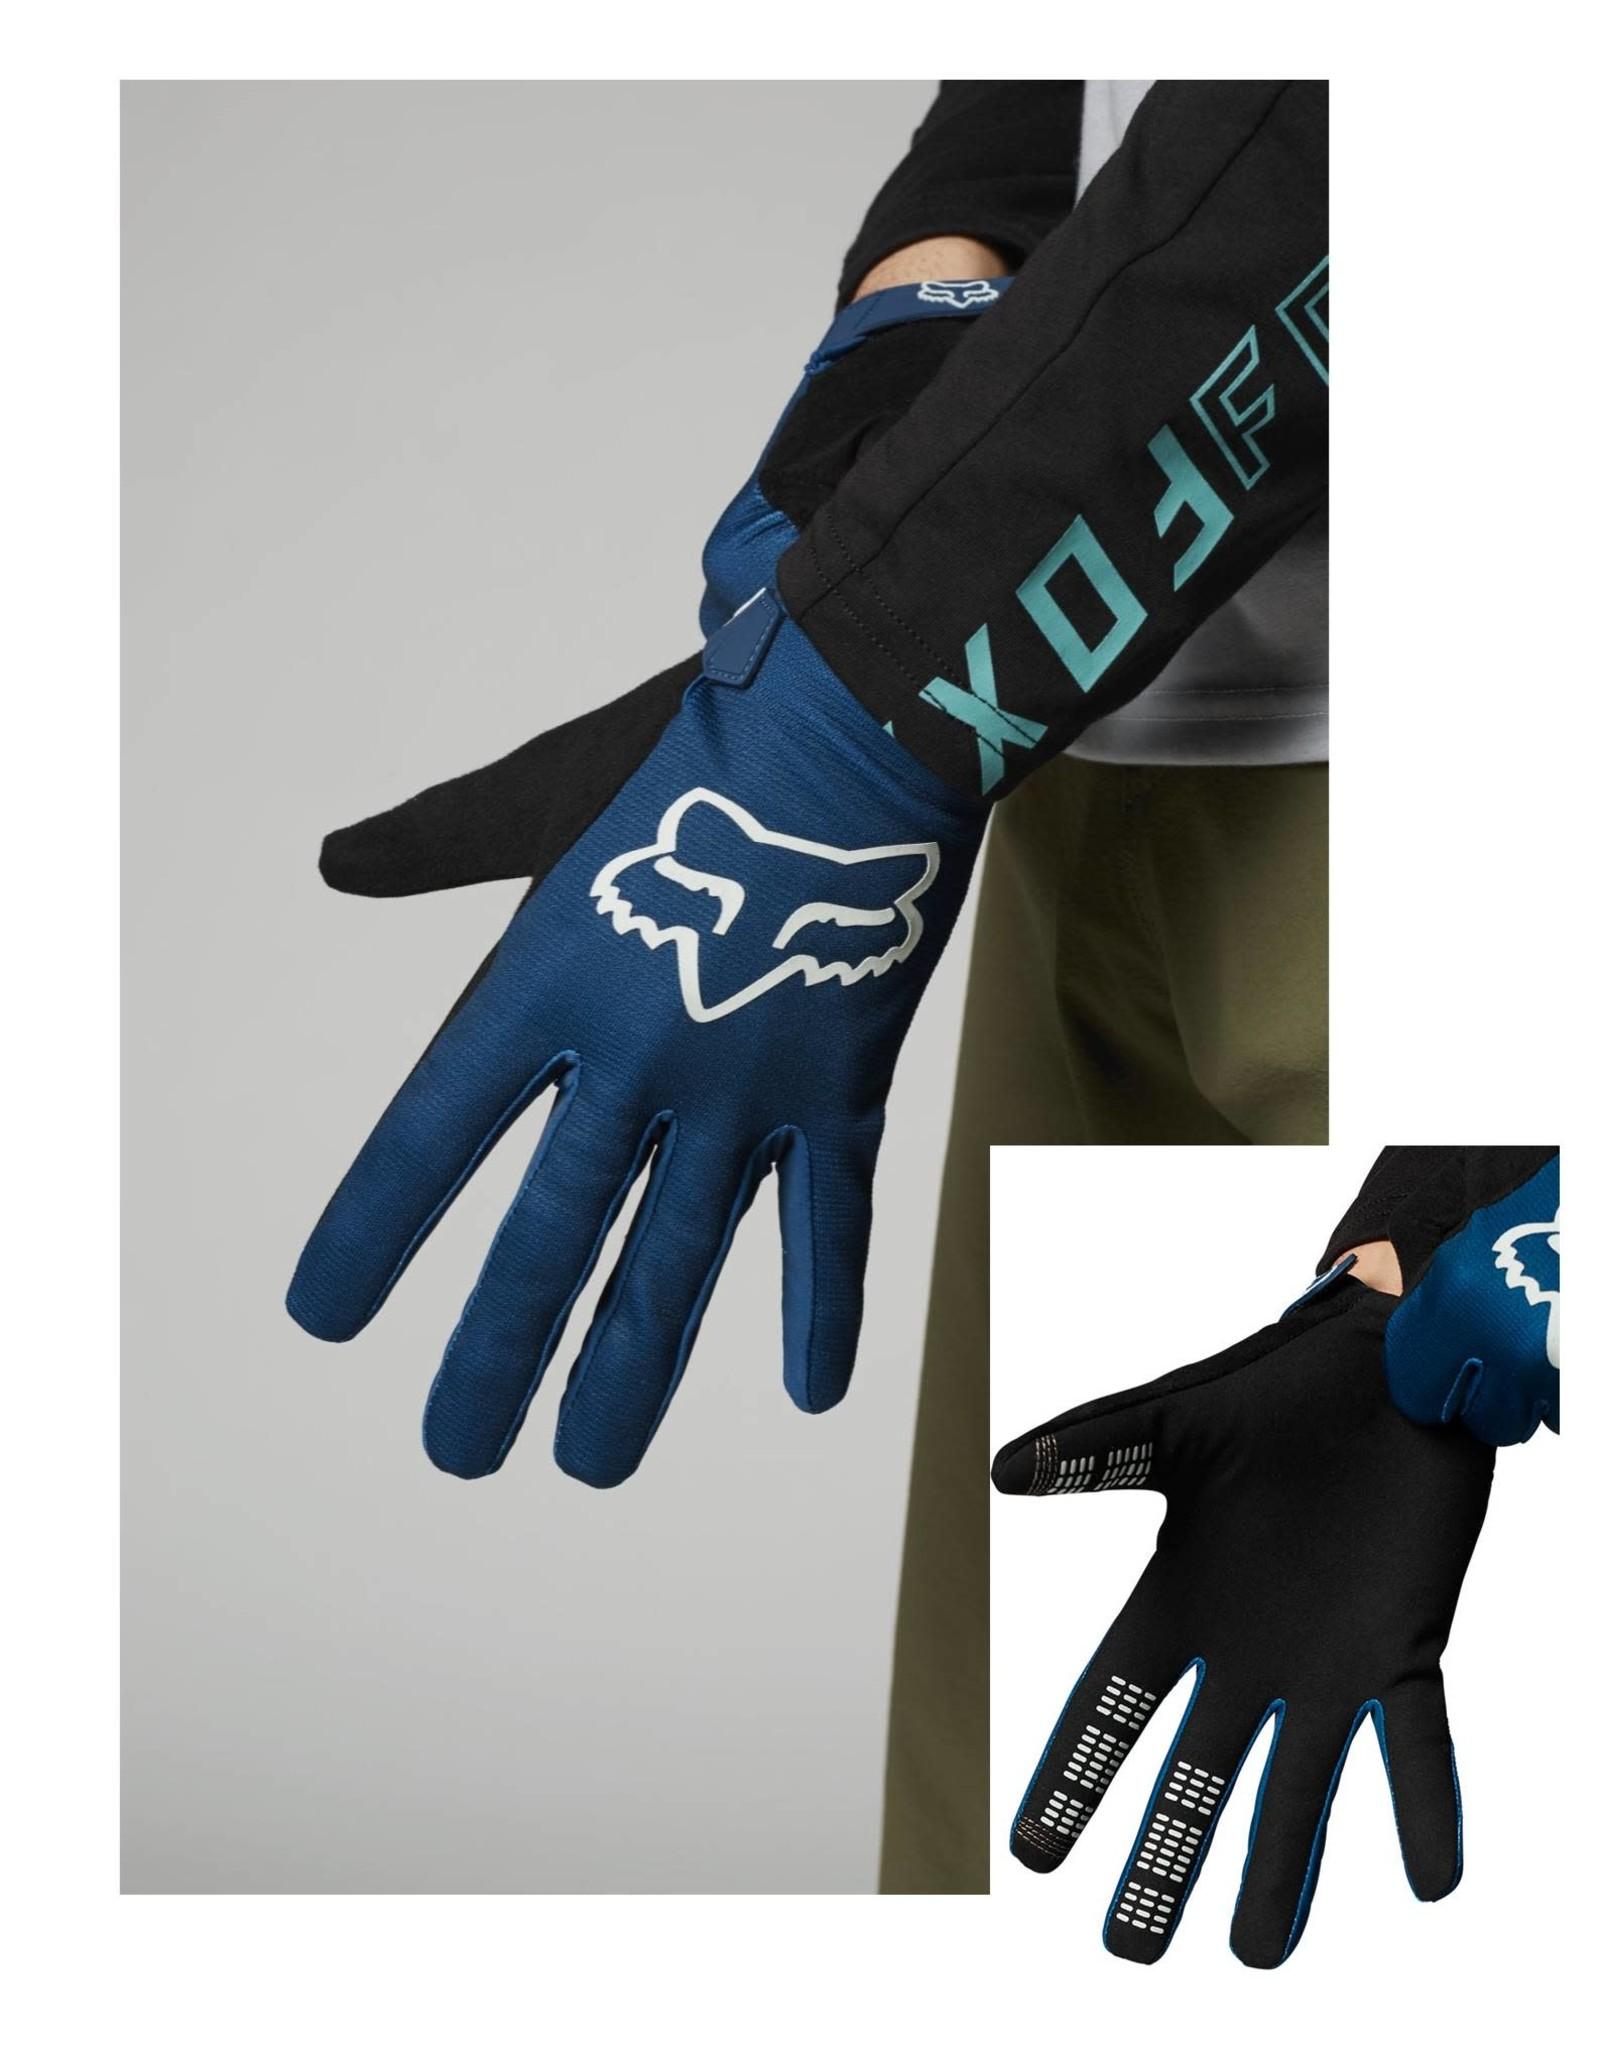 Fox Ranger Long Finger MTB Glove